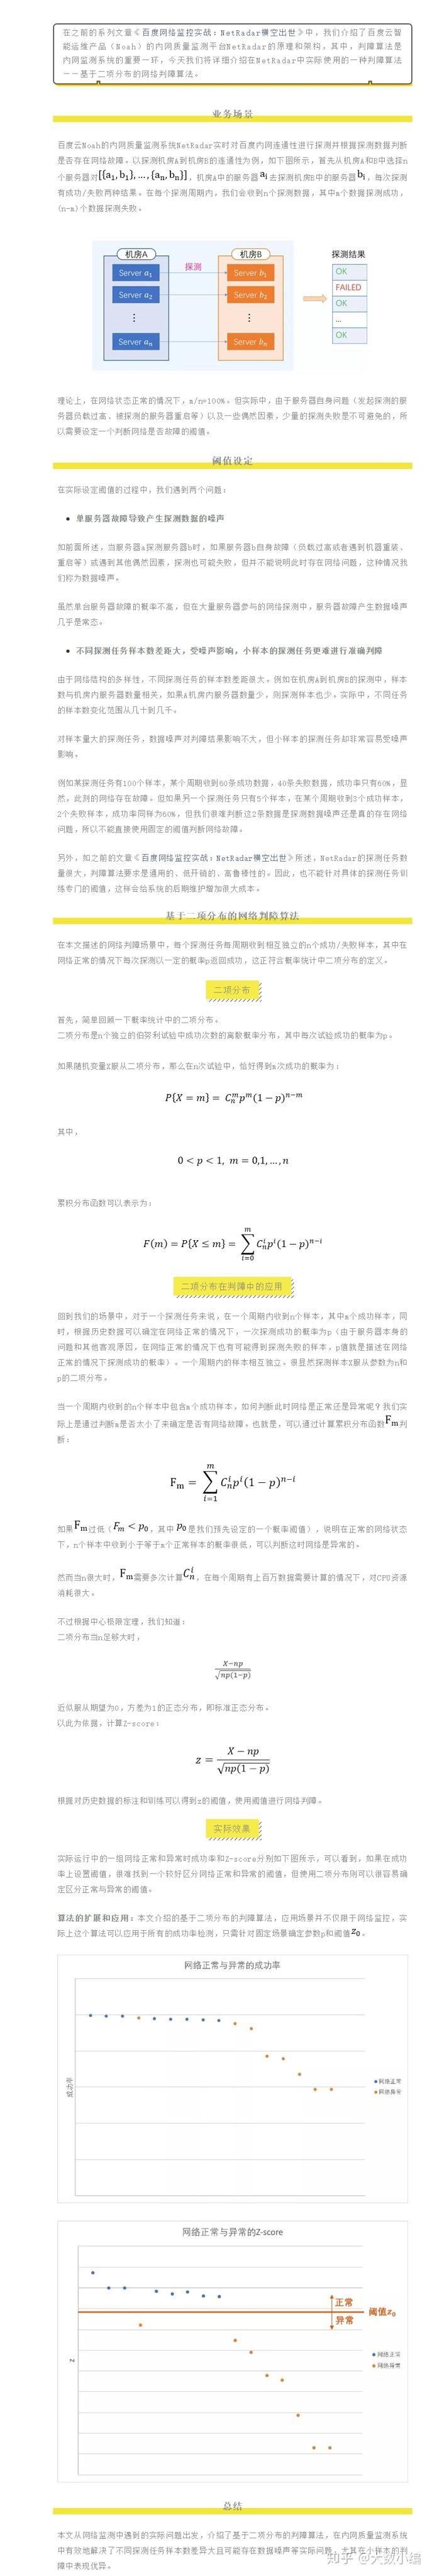 概率课本中的二项分布 ,为何能在网络判障中发挥大作用?-大数网